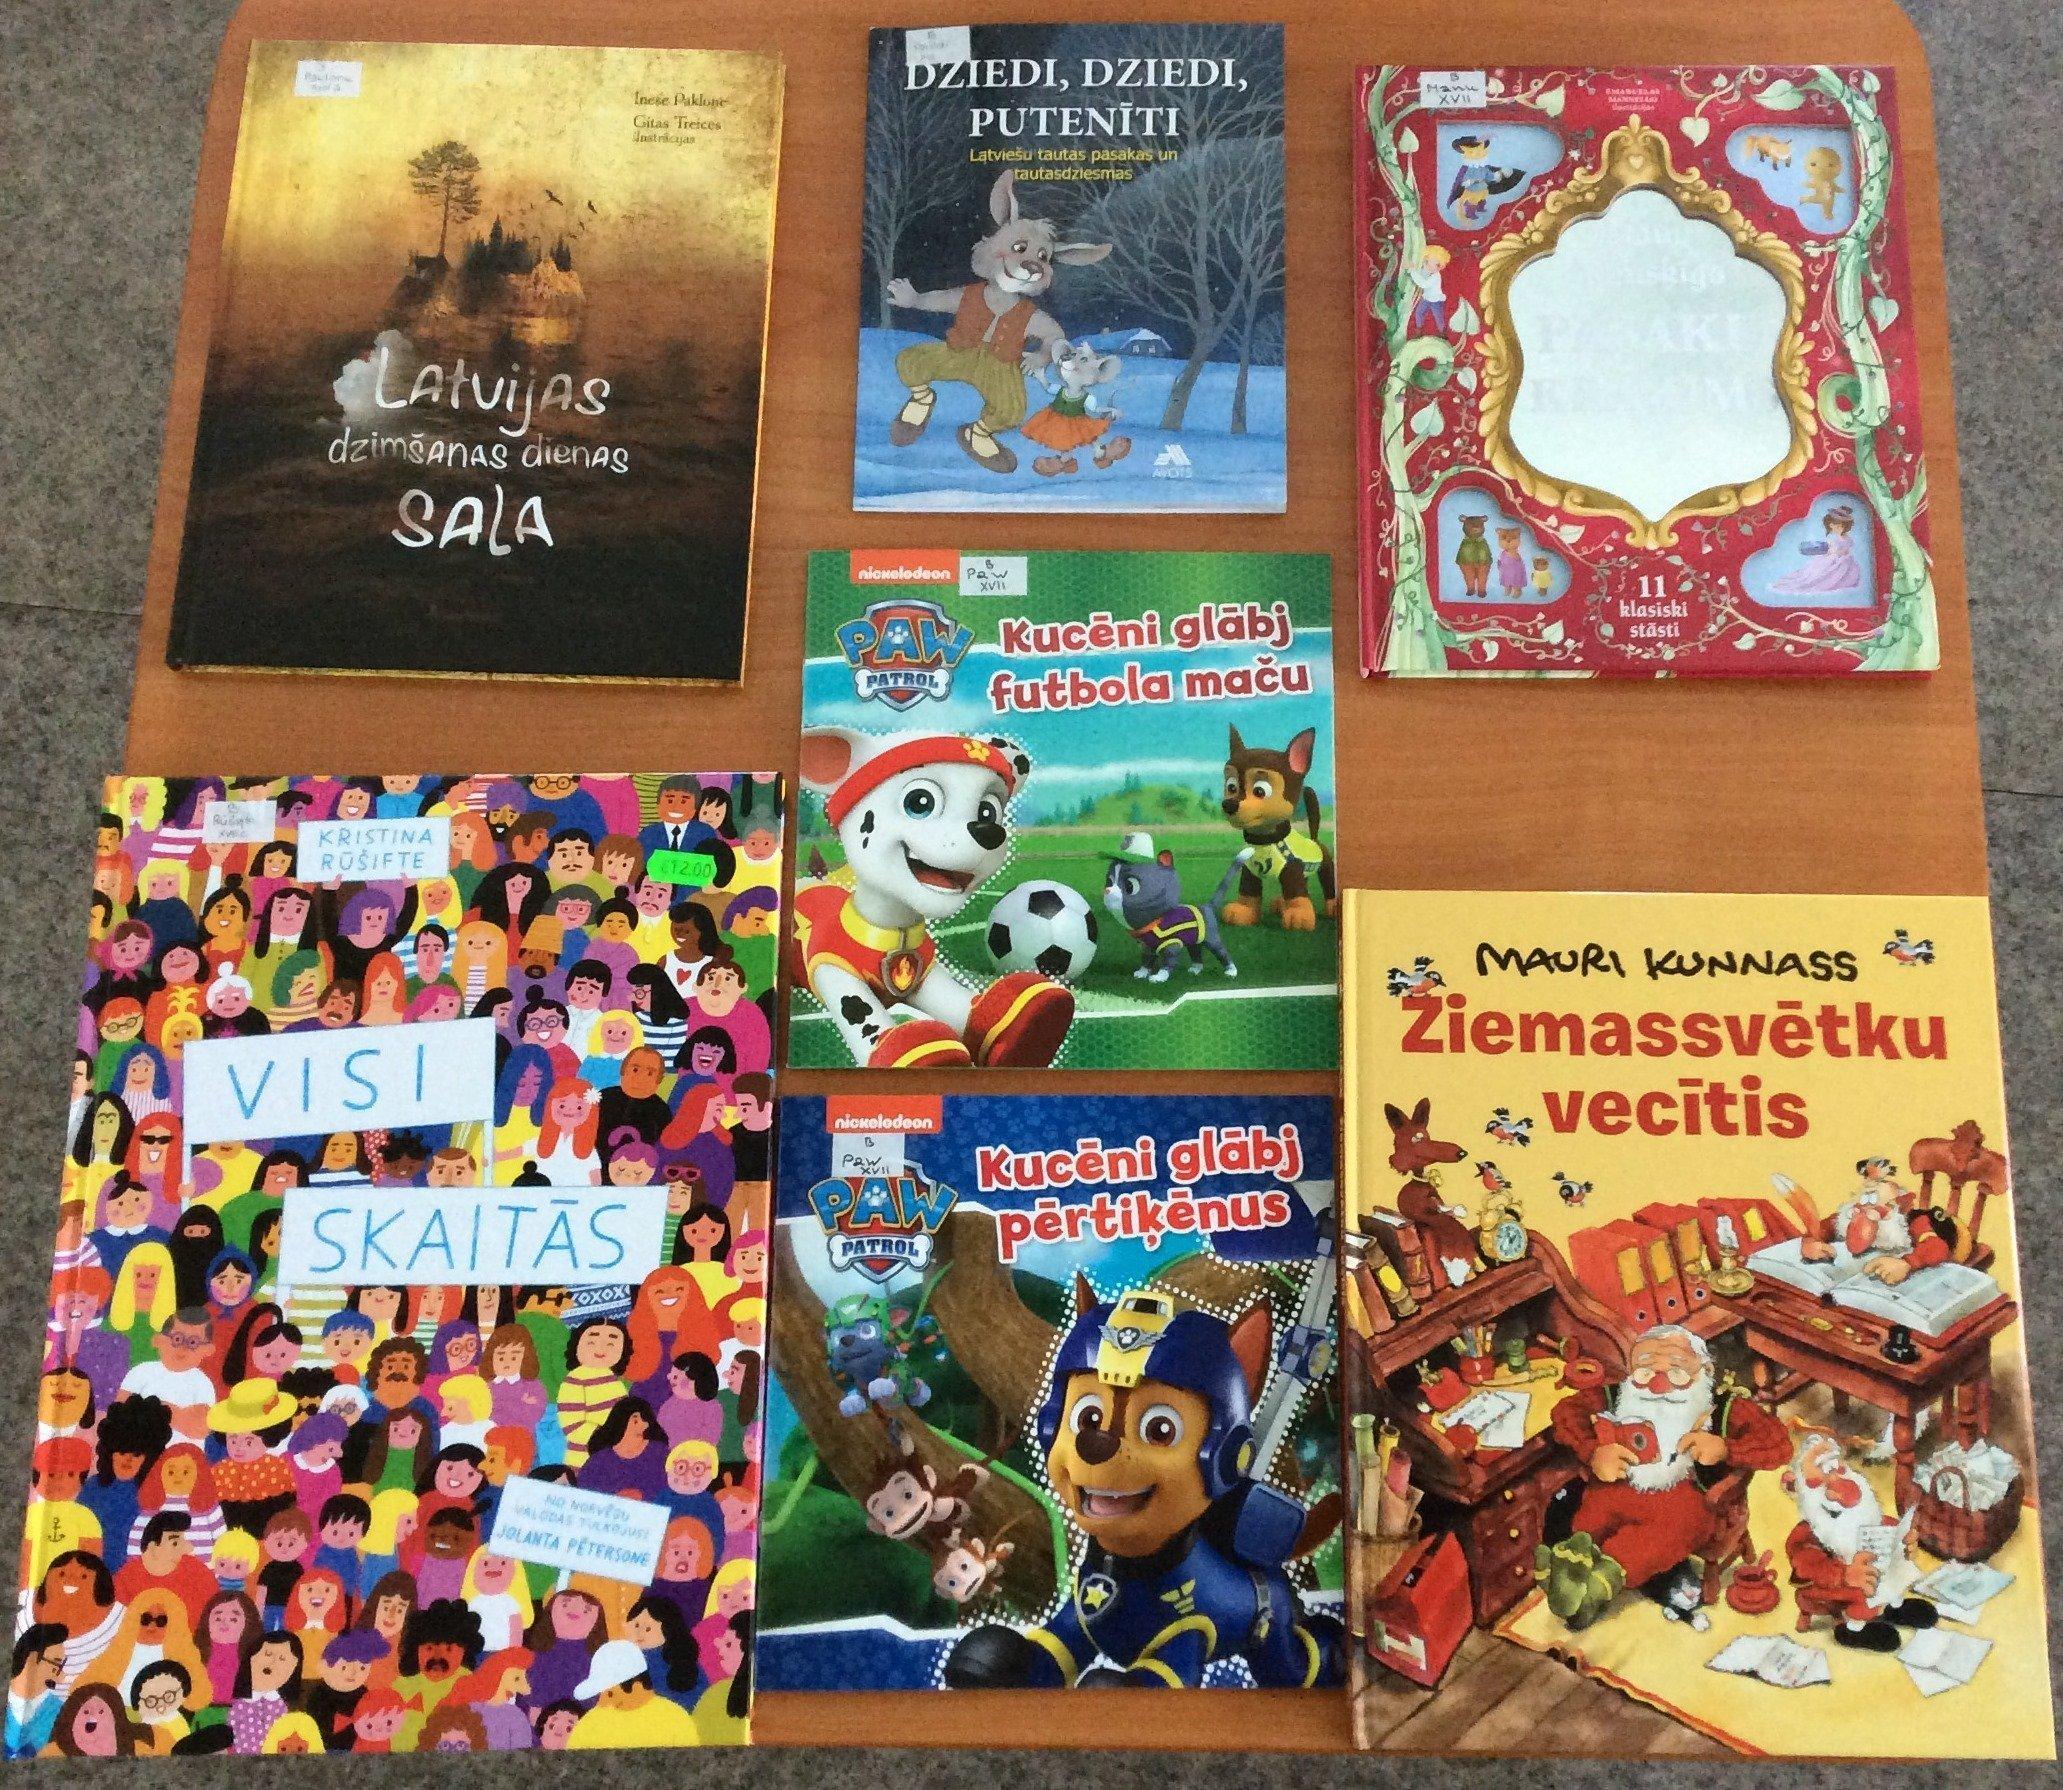 Jaunās grāmatas bērnu nodaļā 2020.gada decembrī